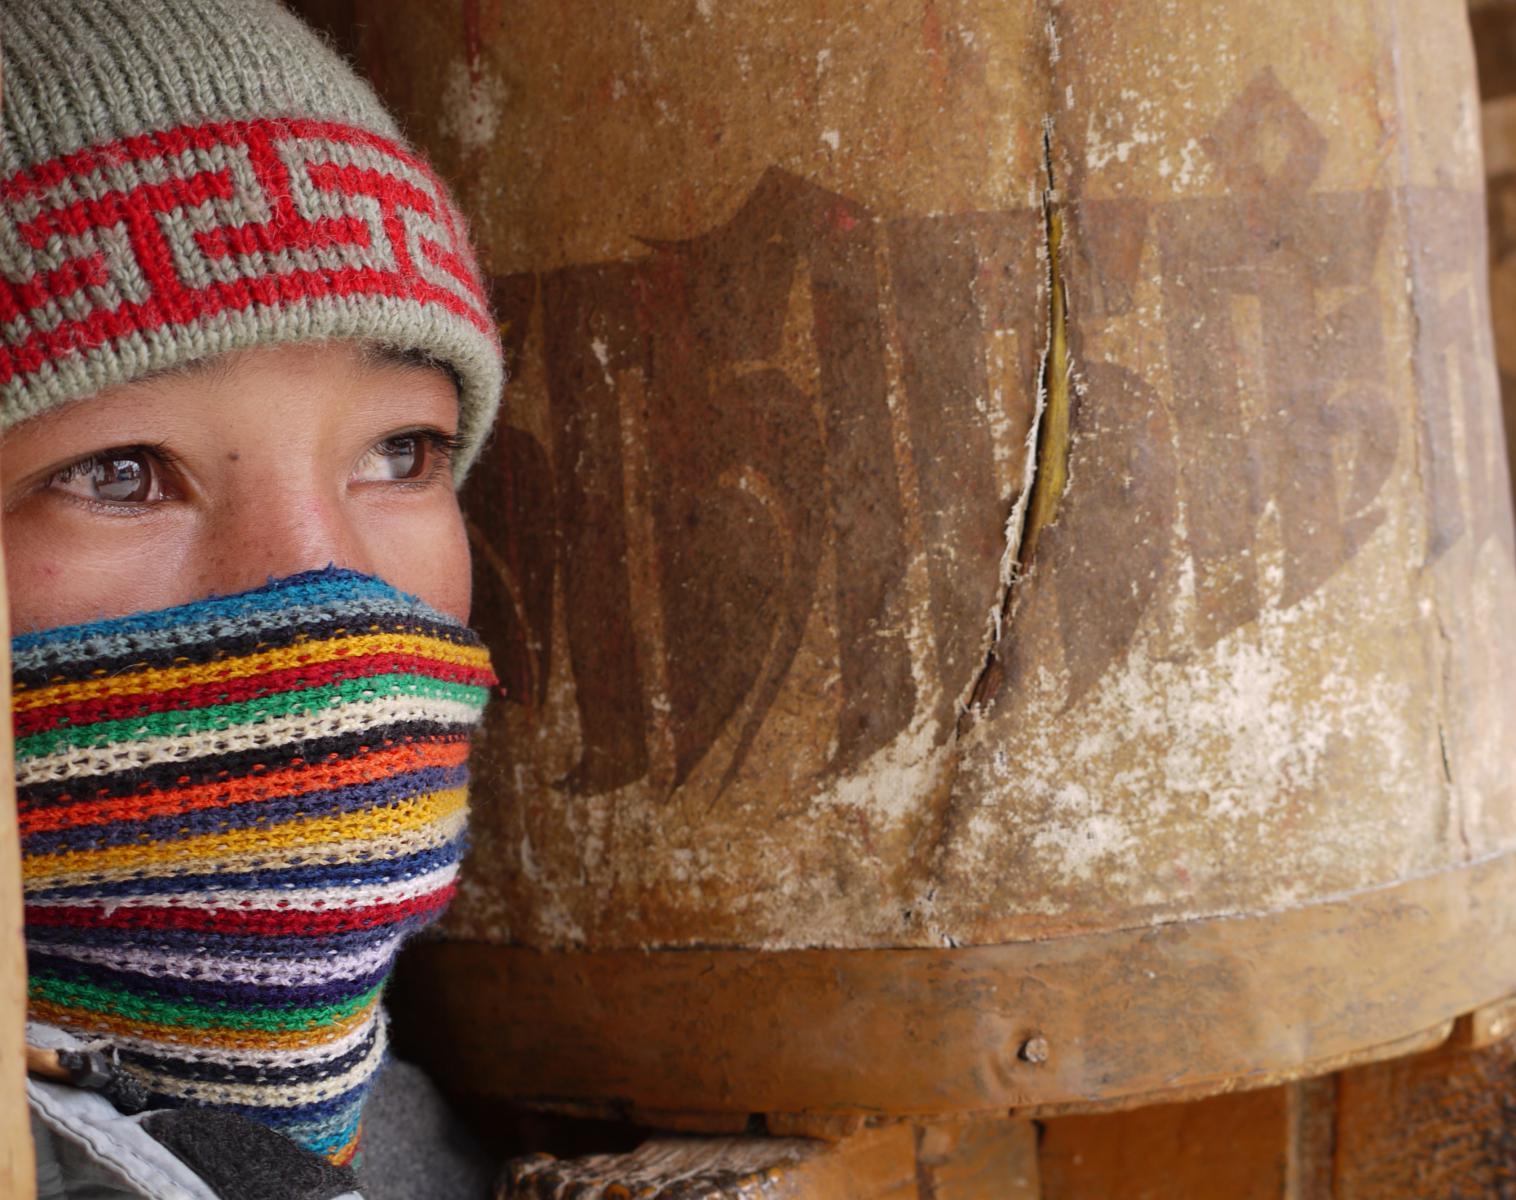 Inde  Tchadar, remontée de la rivière gelée   Trek & Randonnée